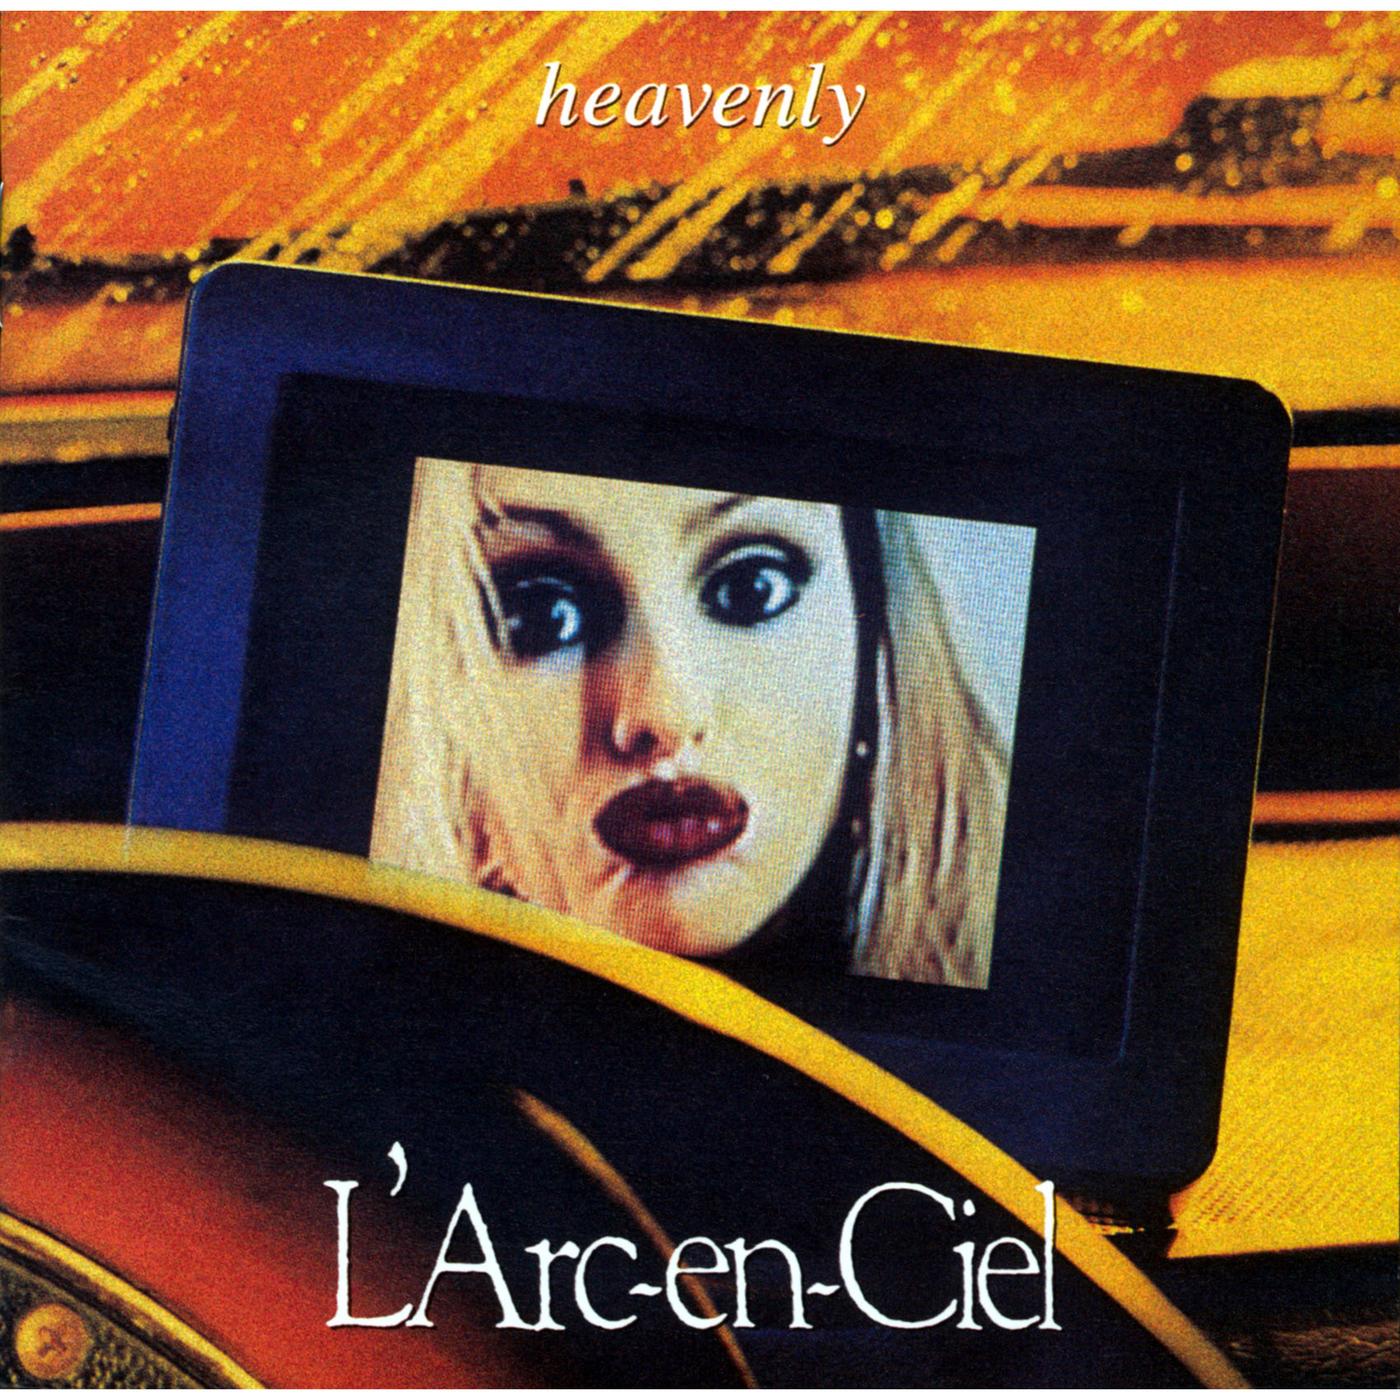 heavenly - L'Arc-en-Ciel